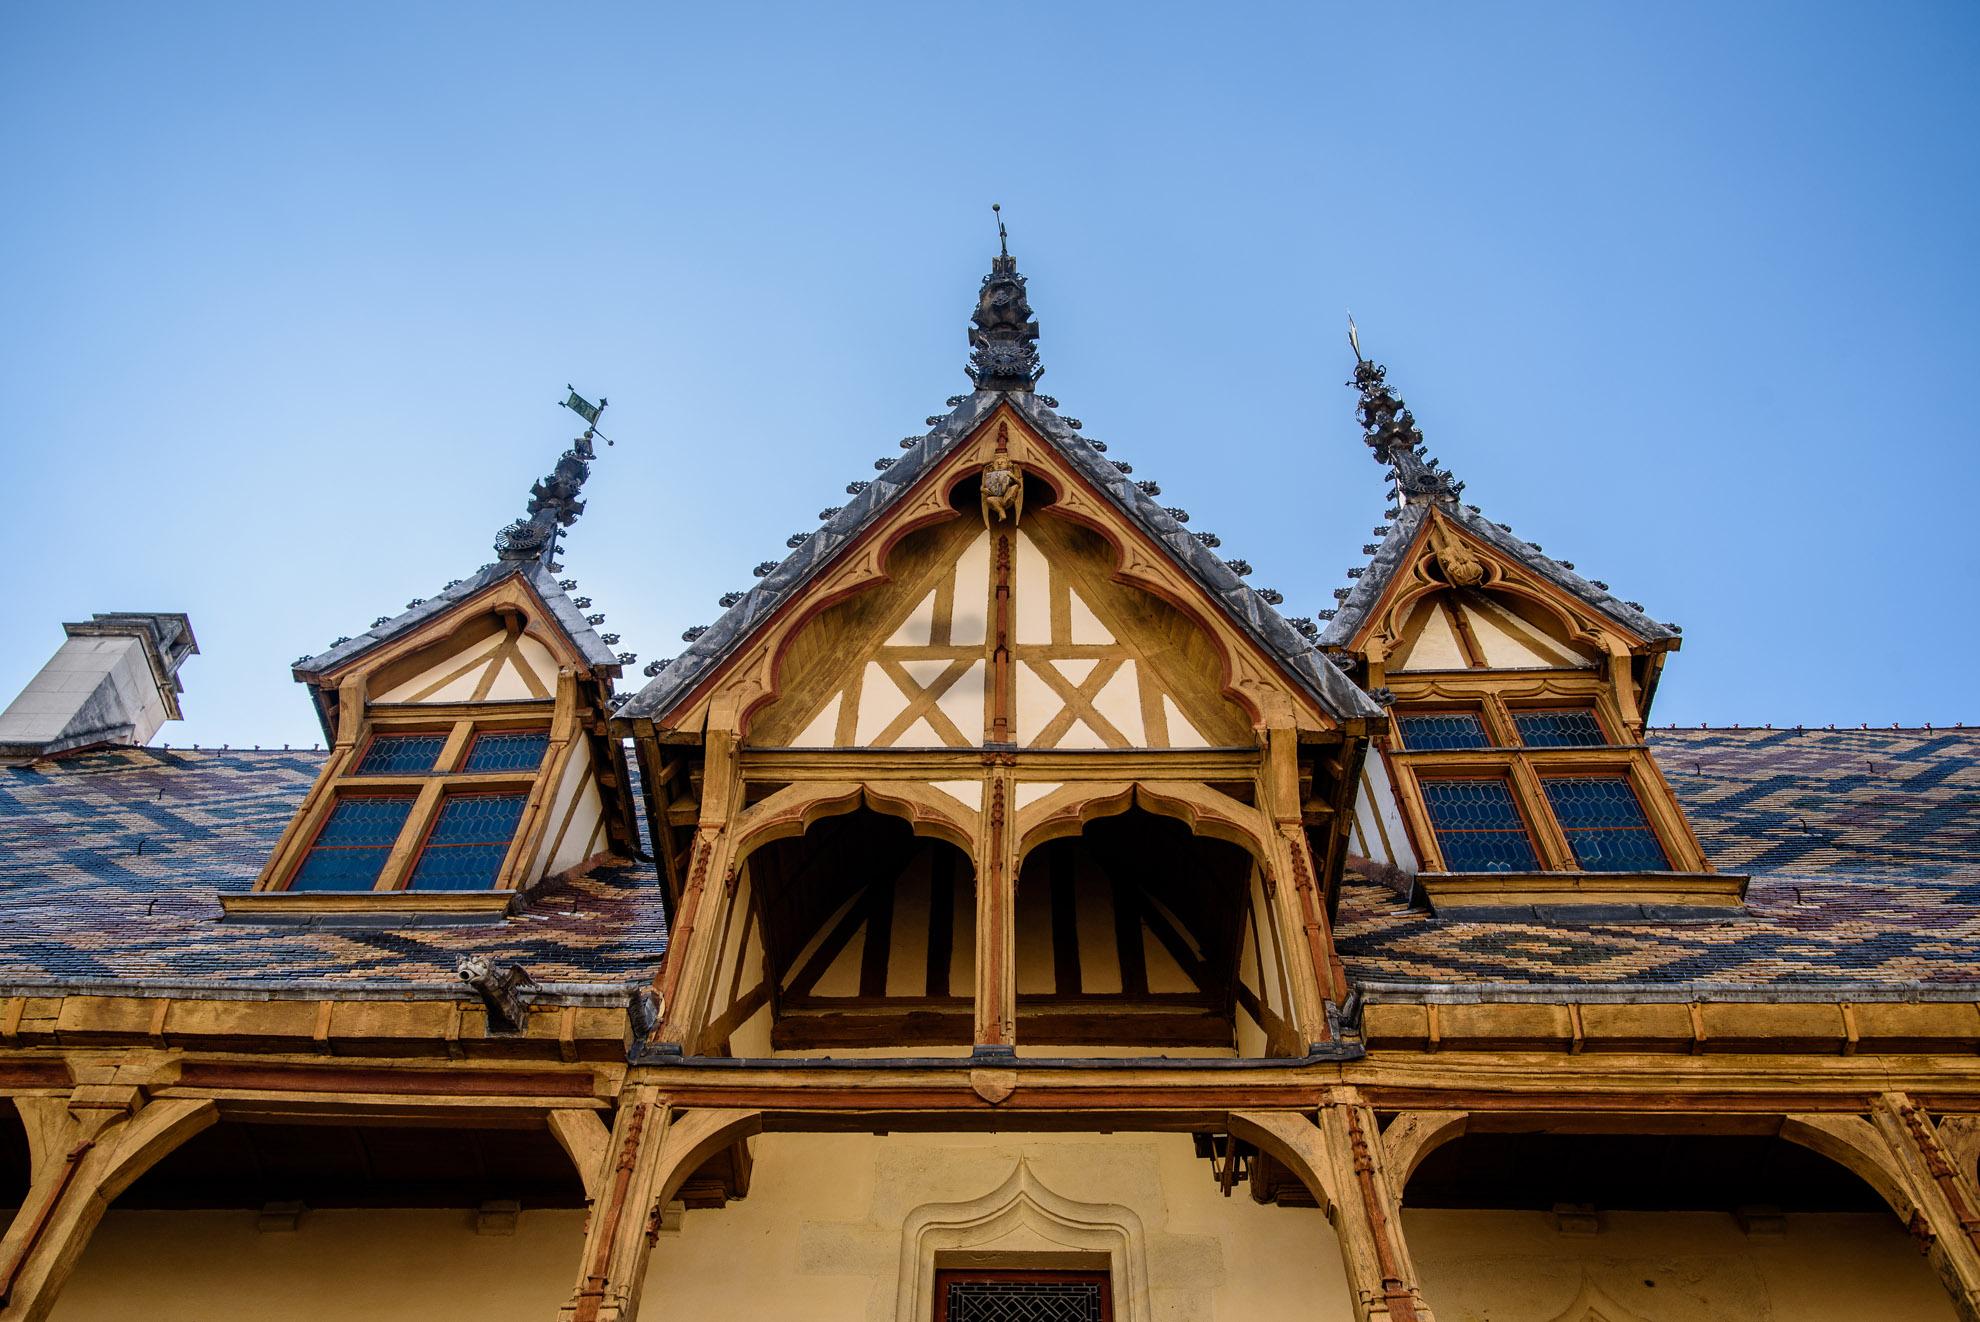 Hôtel Dieu i zadaszenie w burgundzkie kolorowe romby